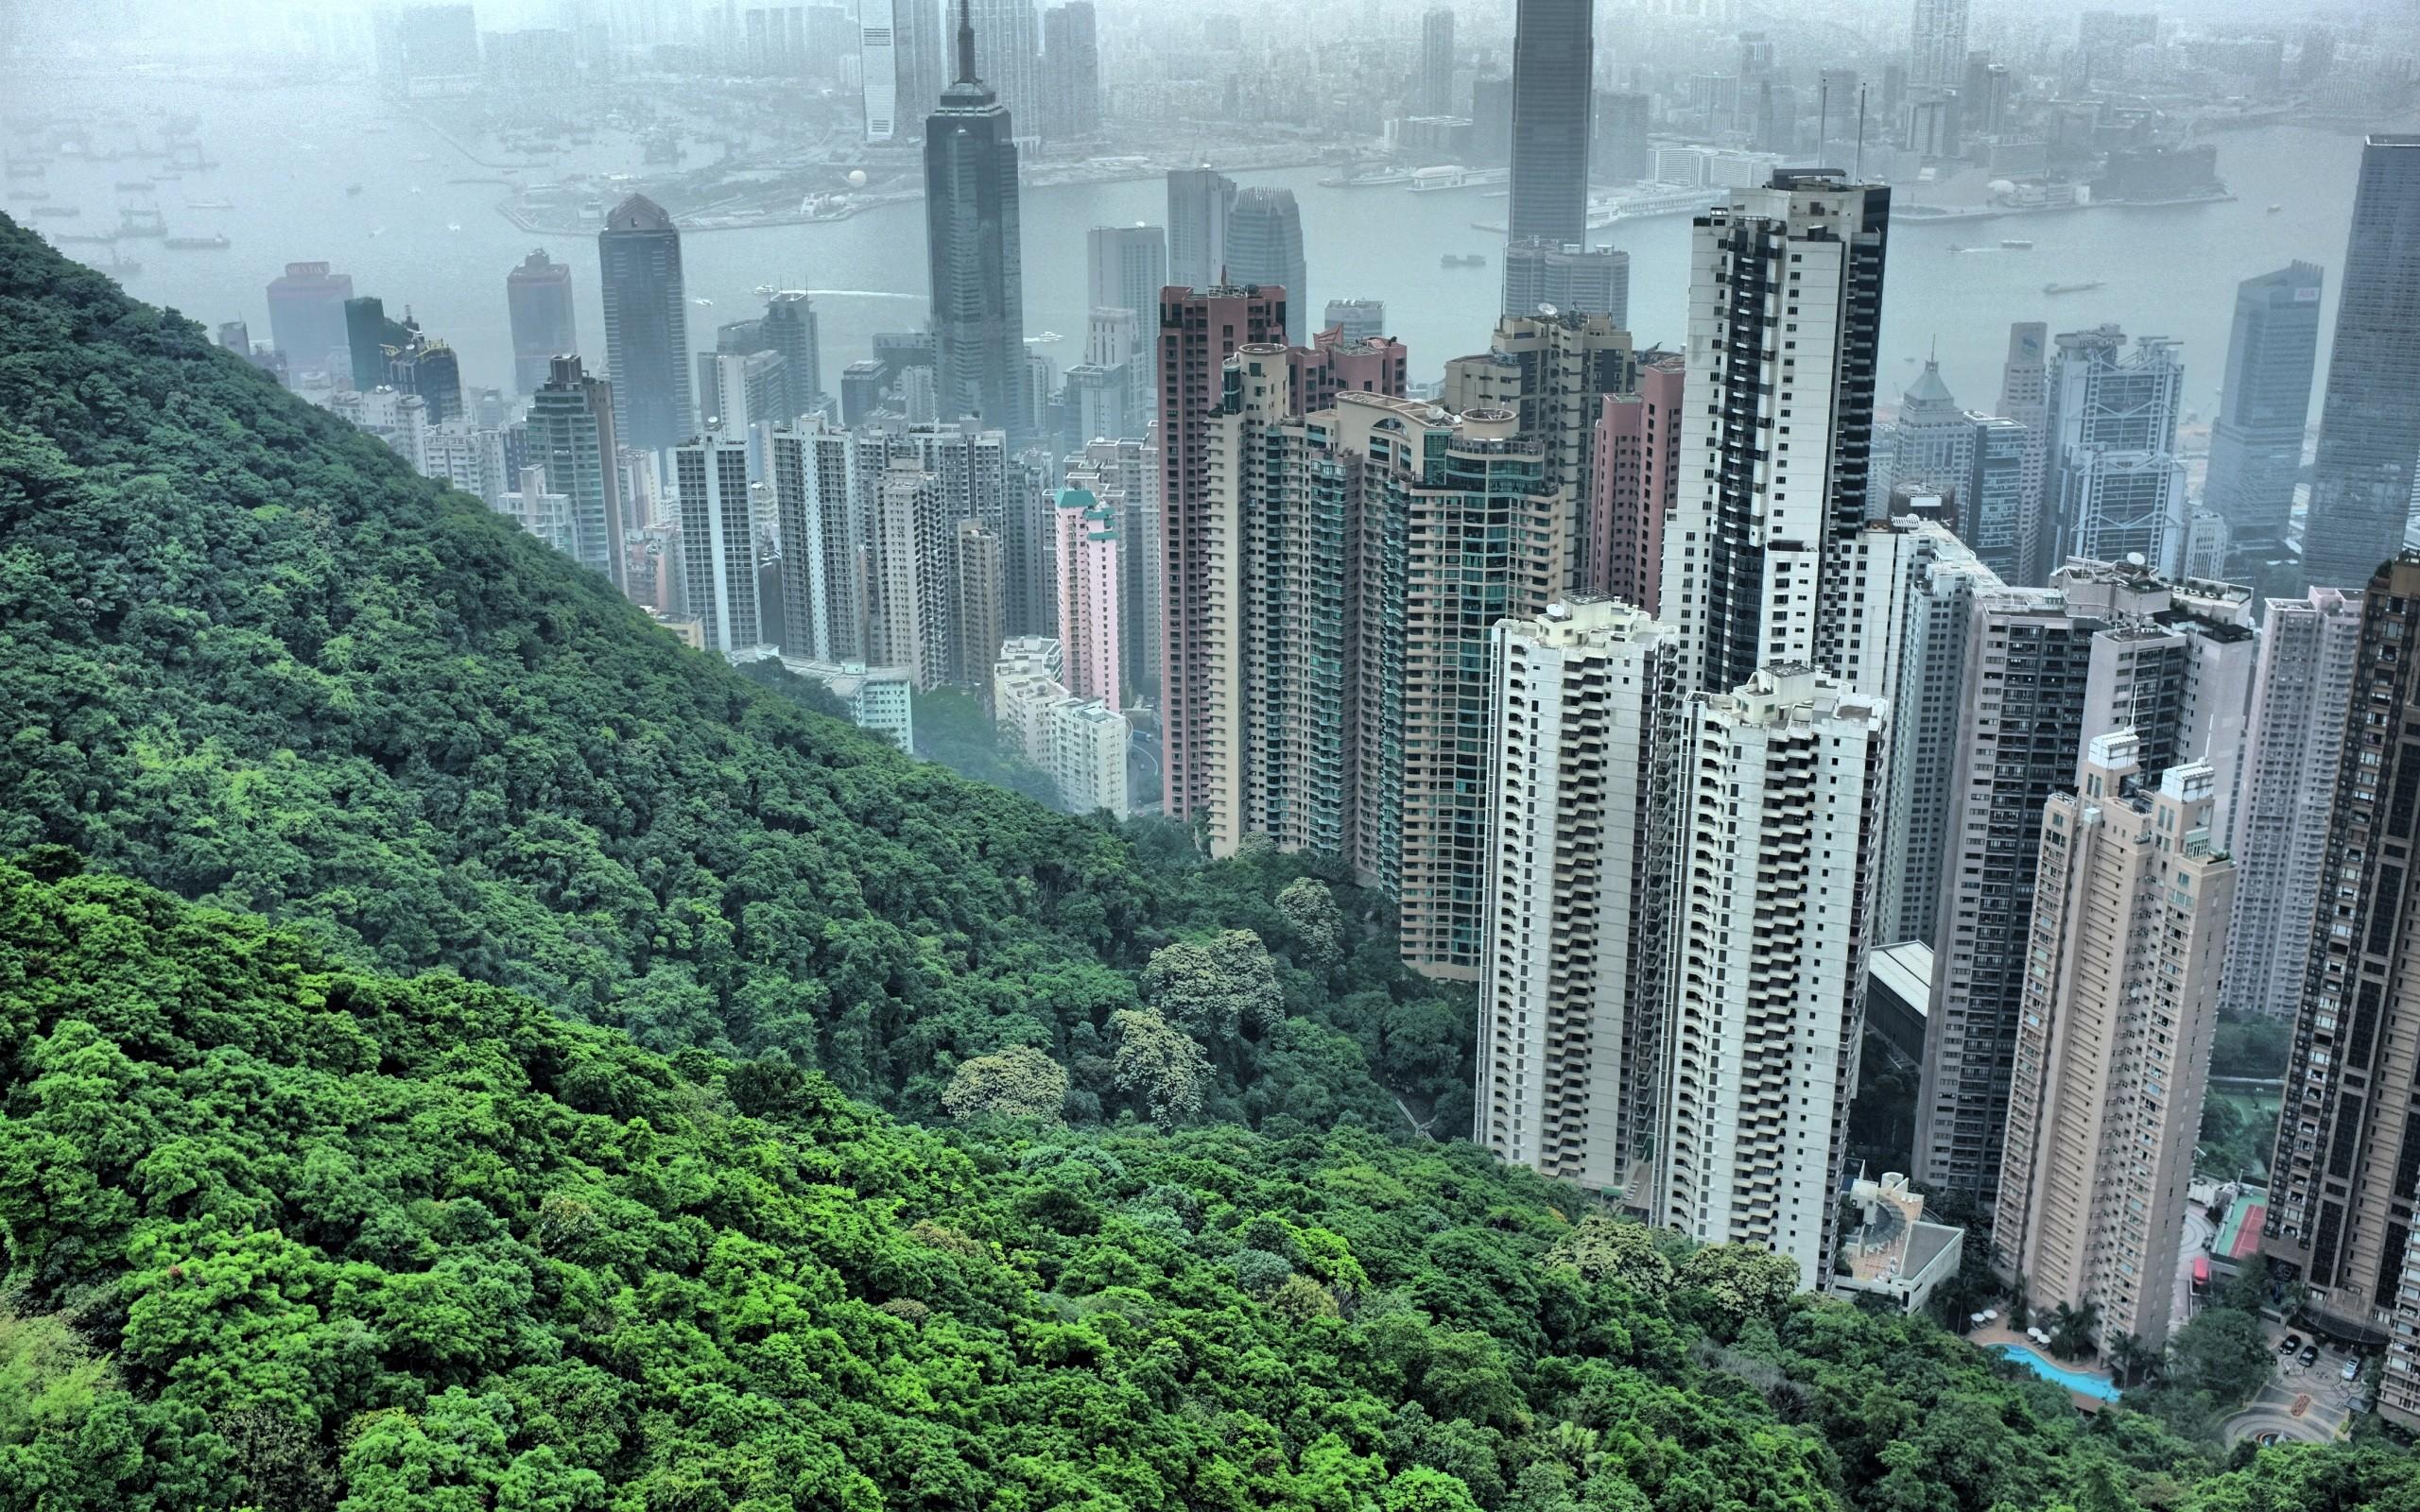 Chiêm ngưỡng toàn cảnh Hồng Kông tại The Peak